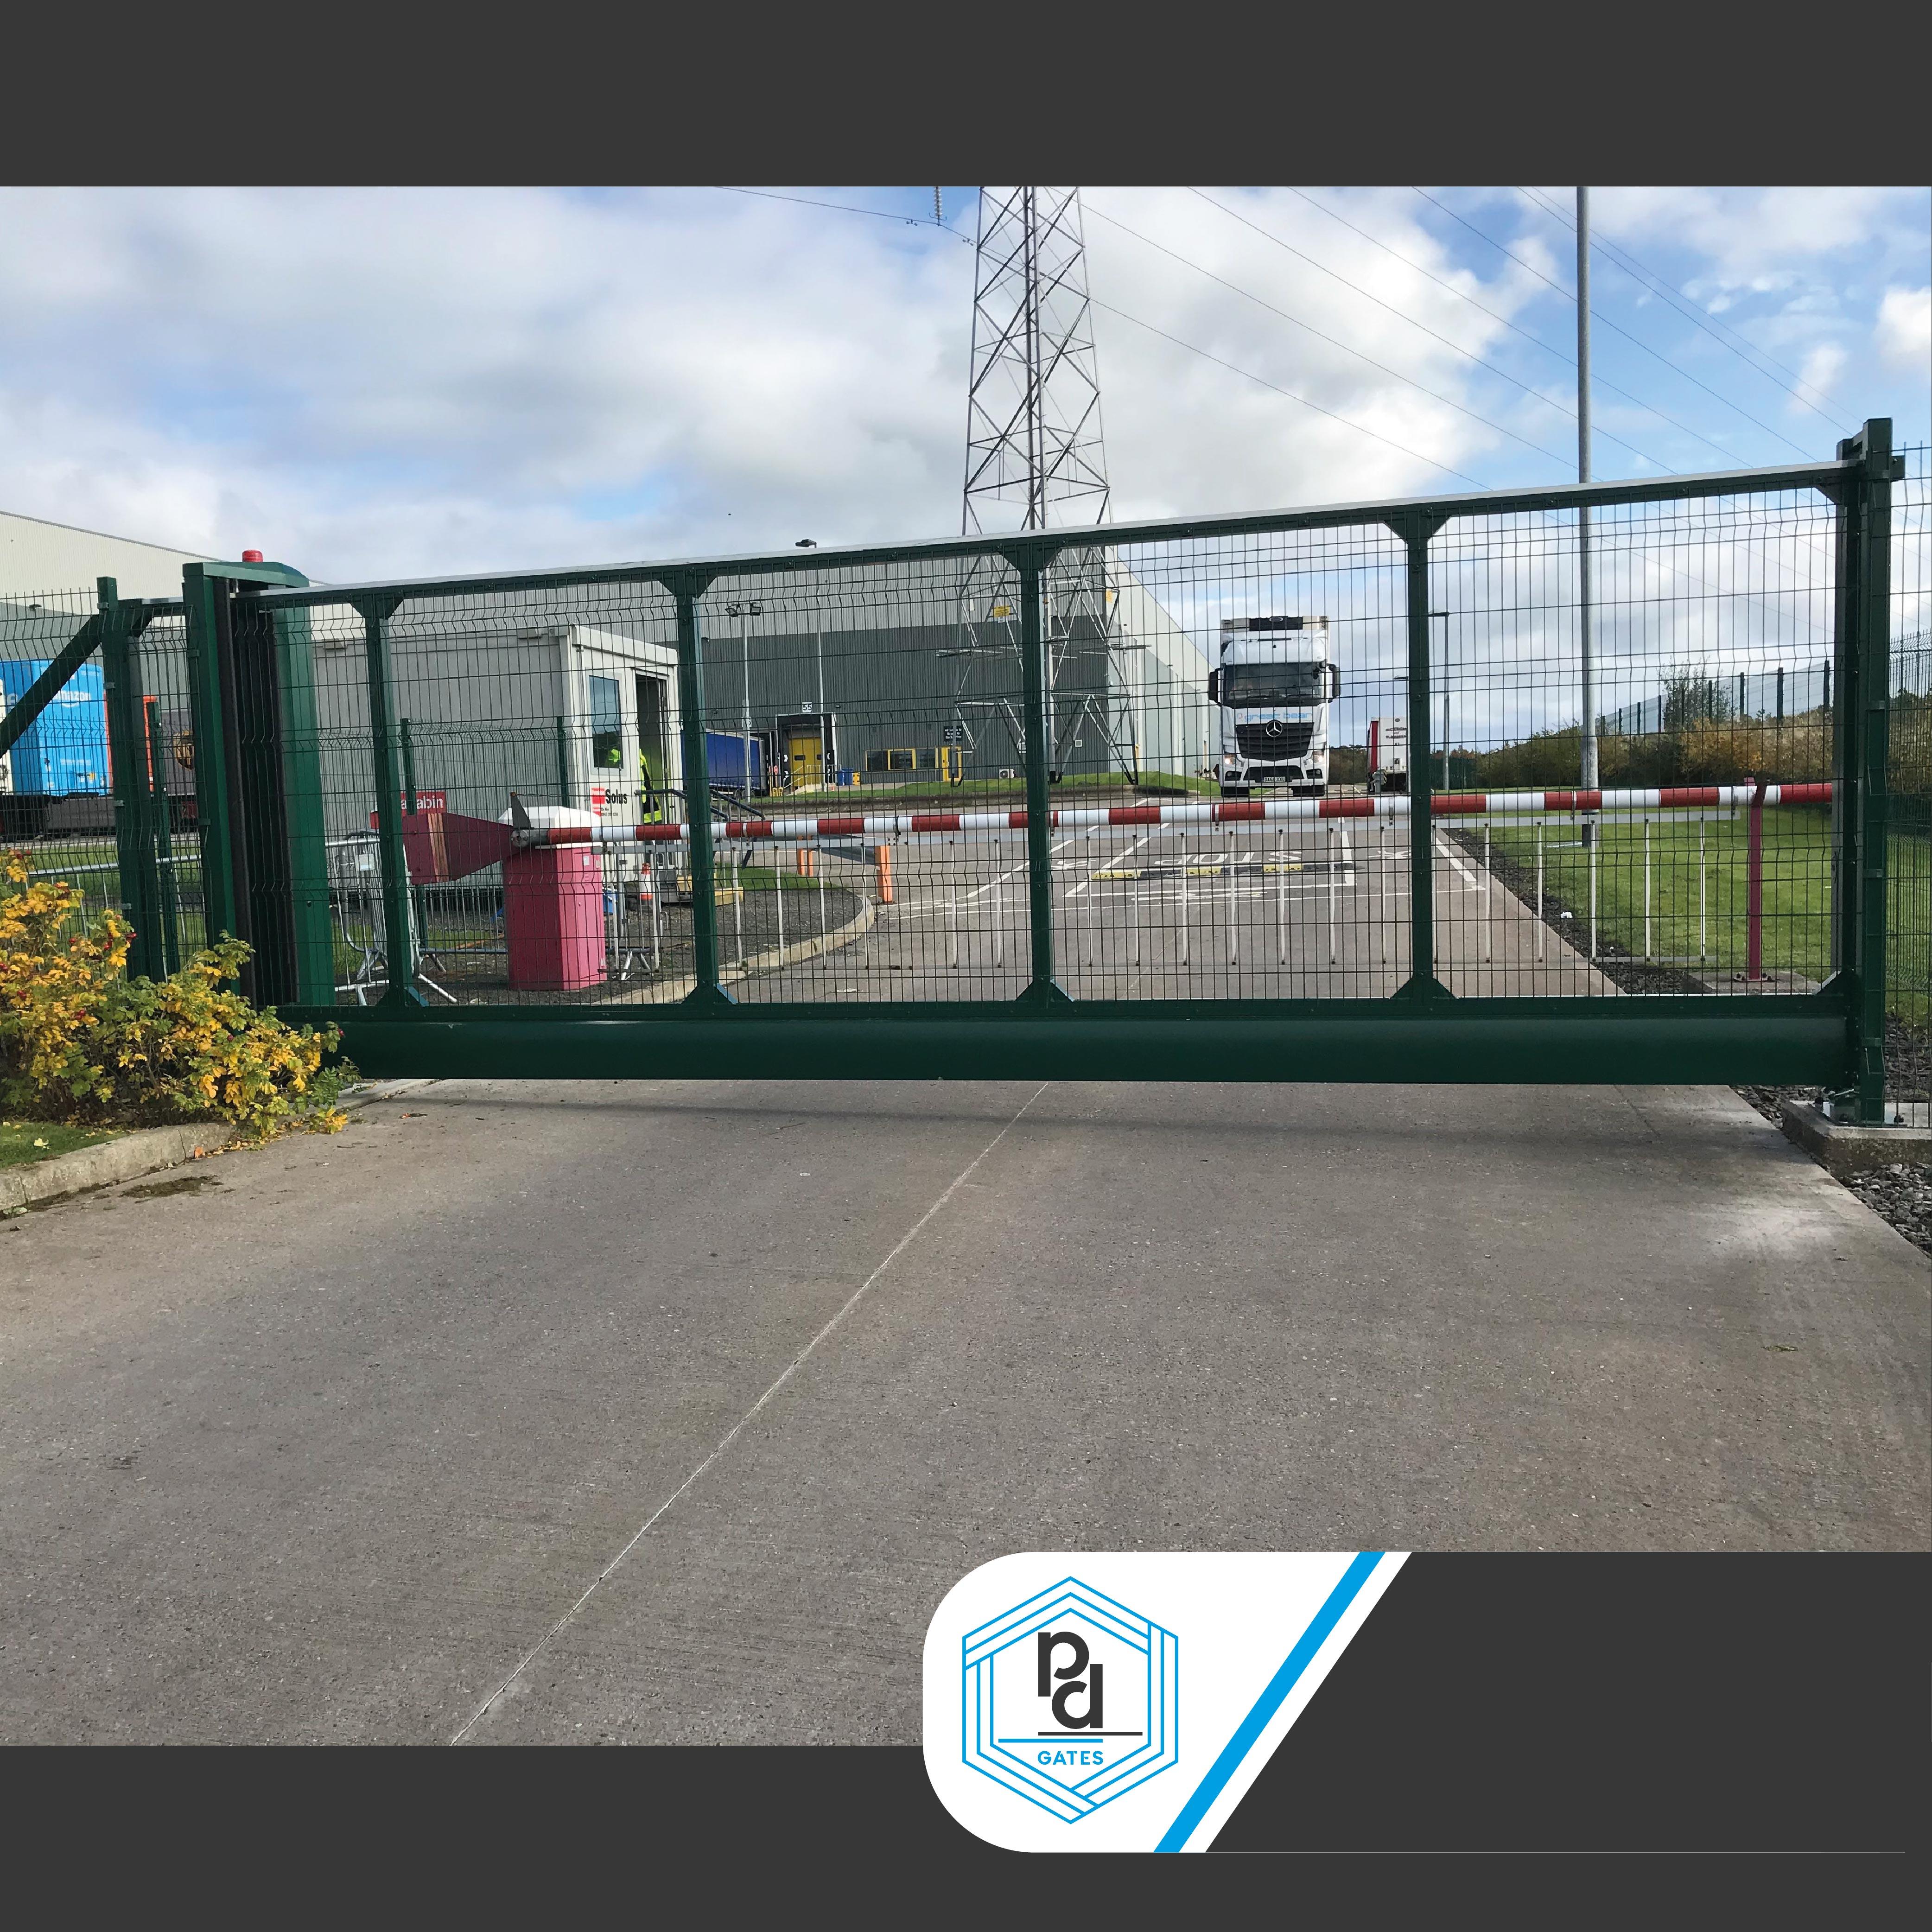 pd_gates-26